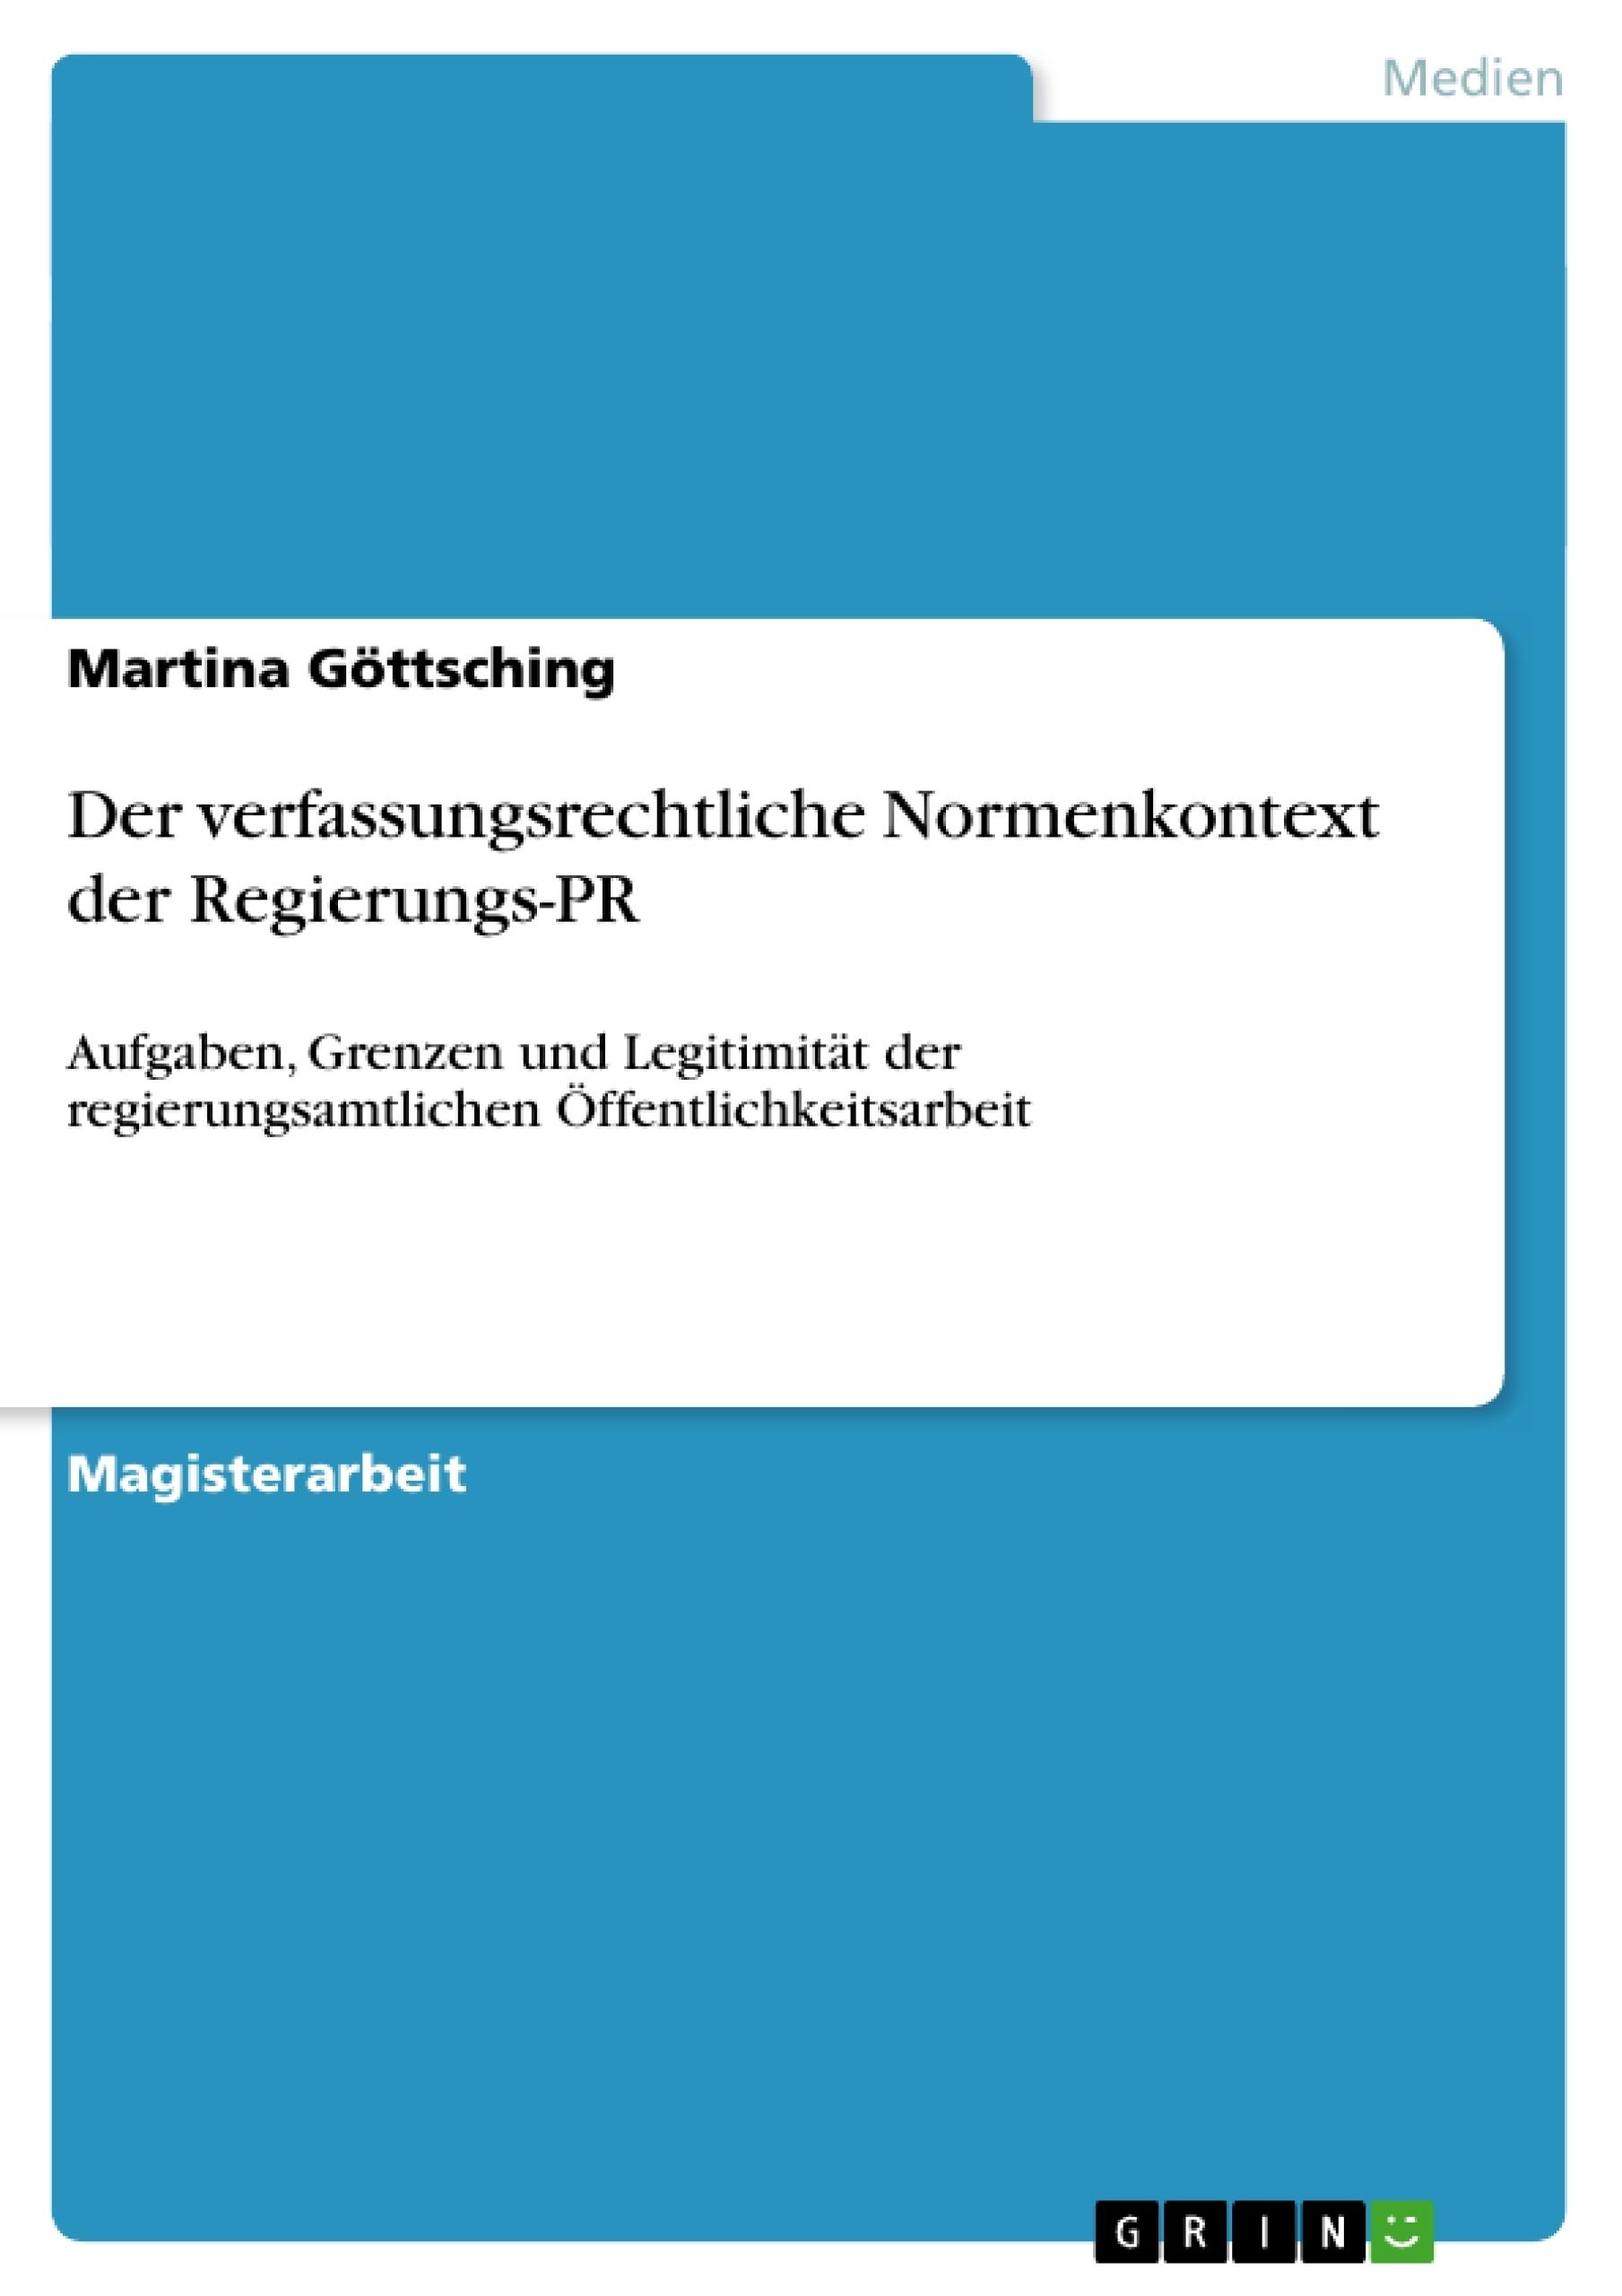 Titel: Der verfassungsrechtliche Normenkontext der Regierungs-PR